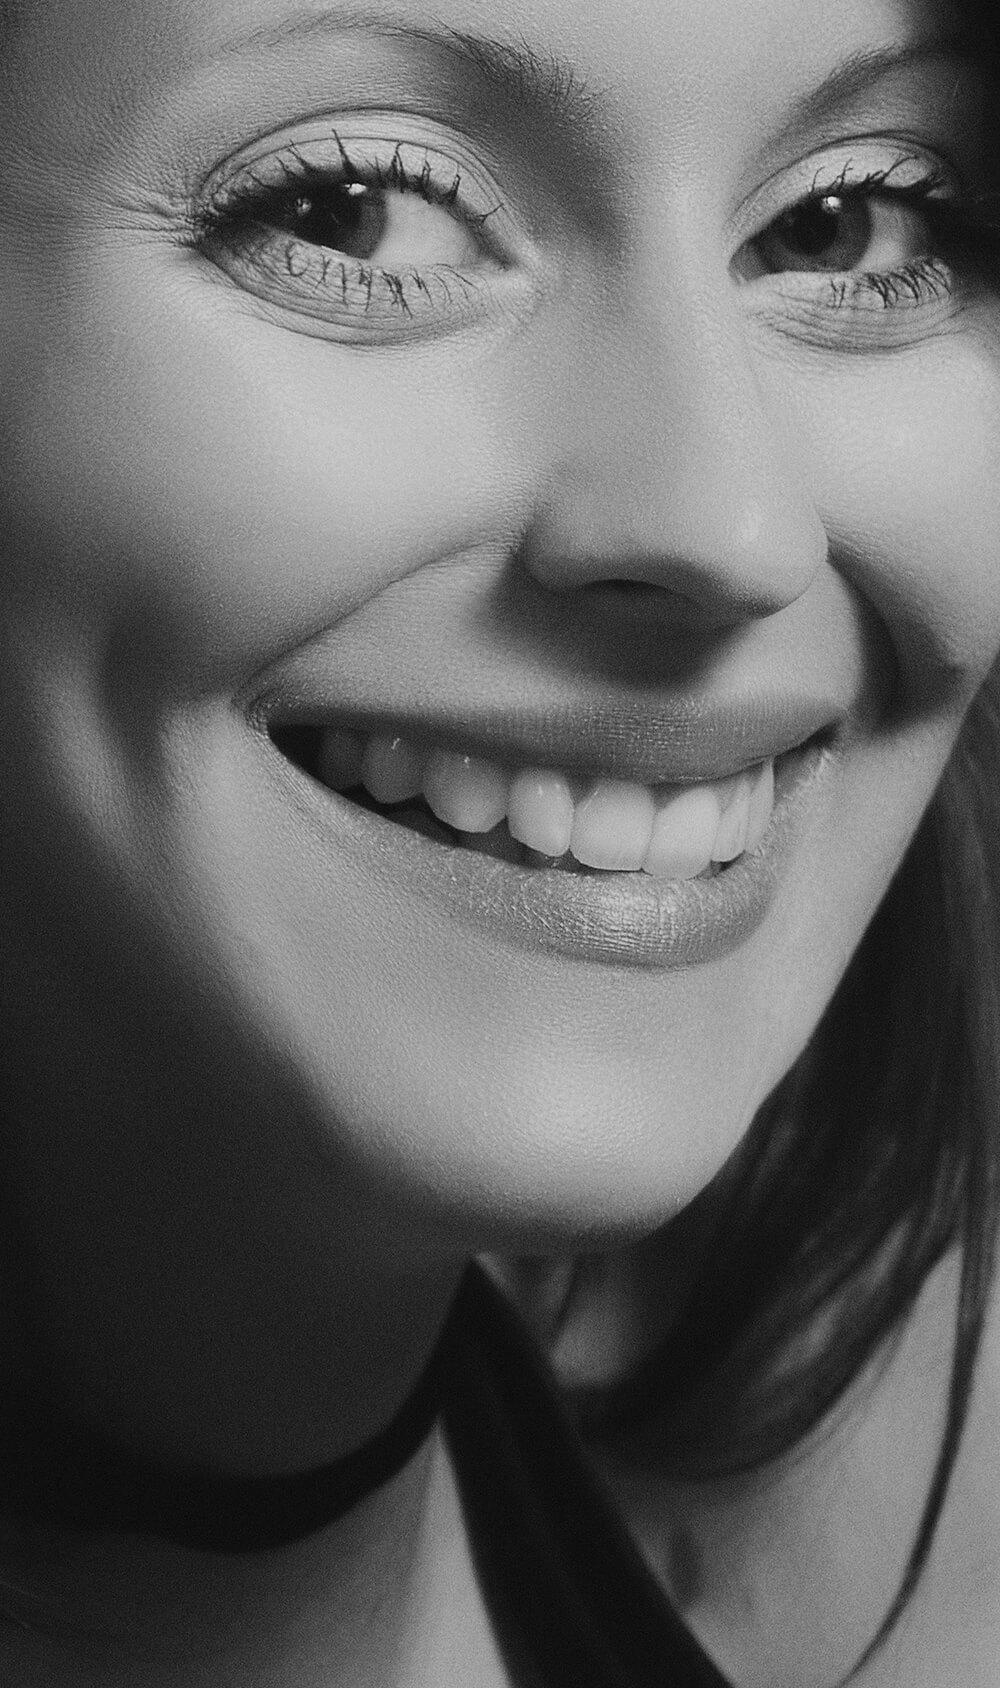 Tratamientos de ortodoncia: preguntas frecuentes